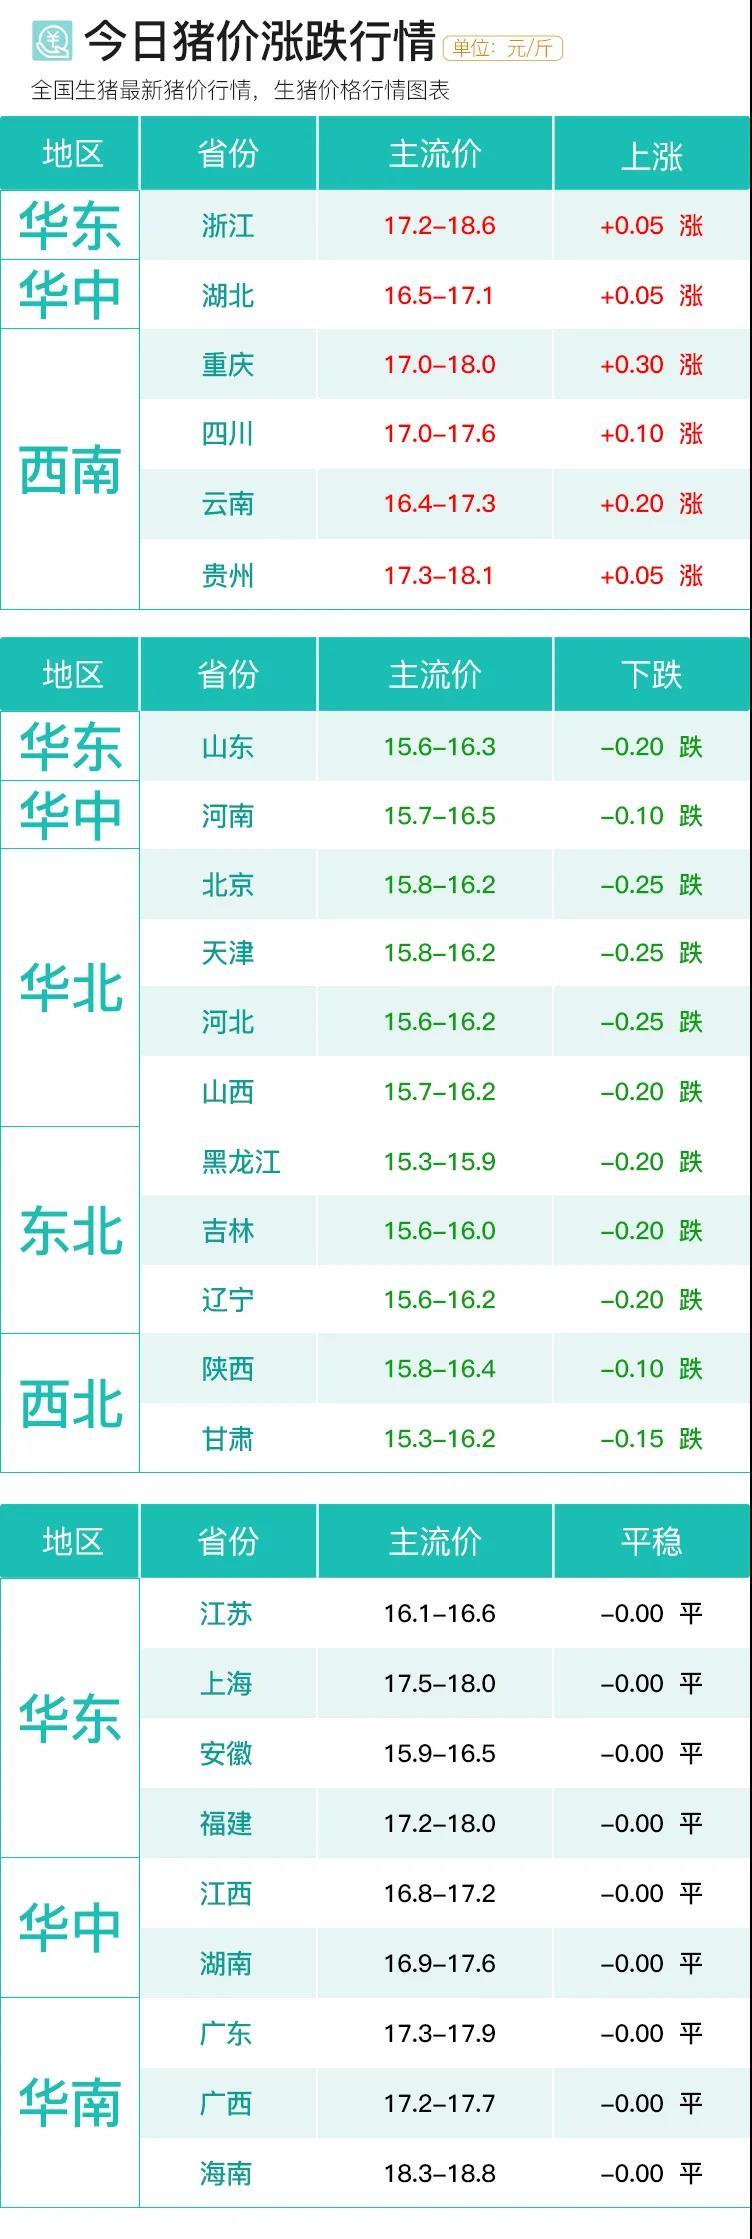 9月29日|猪价进入涨跌调整态势,后市看跌?